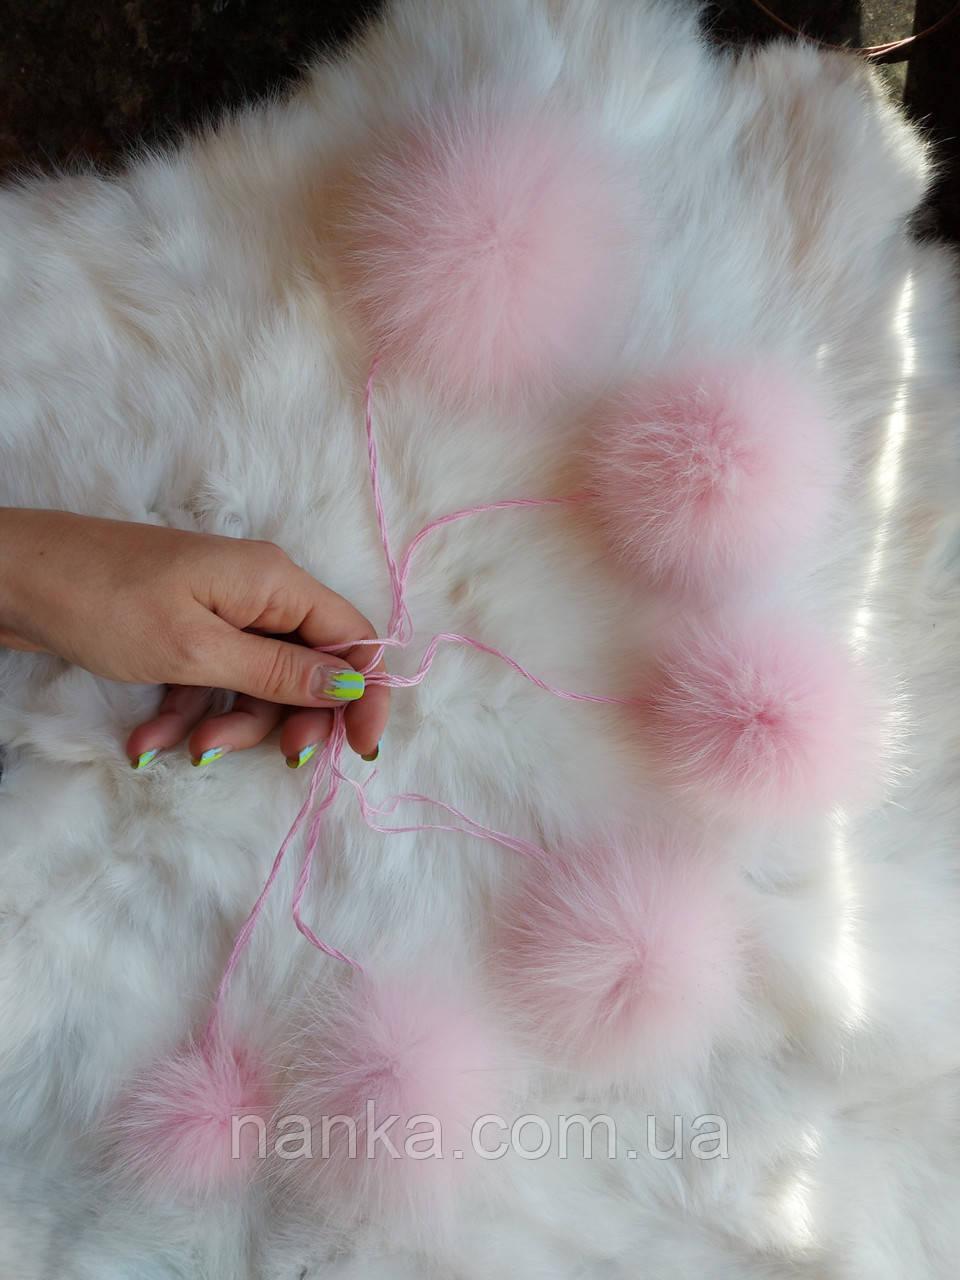 Меховой помпон для шапок/шарфов, резиночек, украшений, на обувь Песец, Нежно розовый